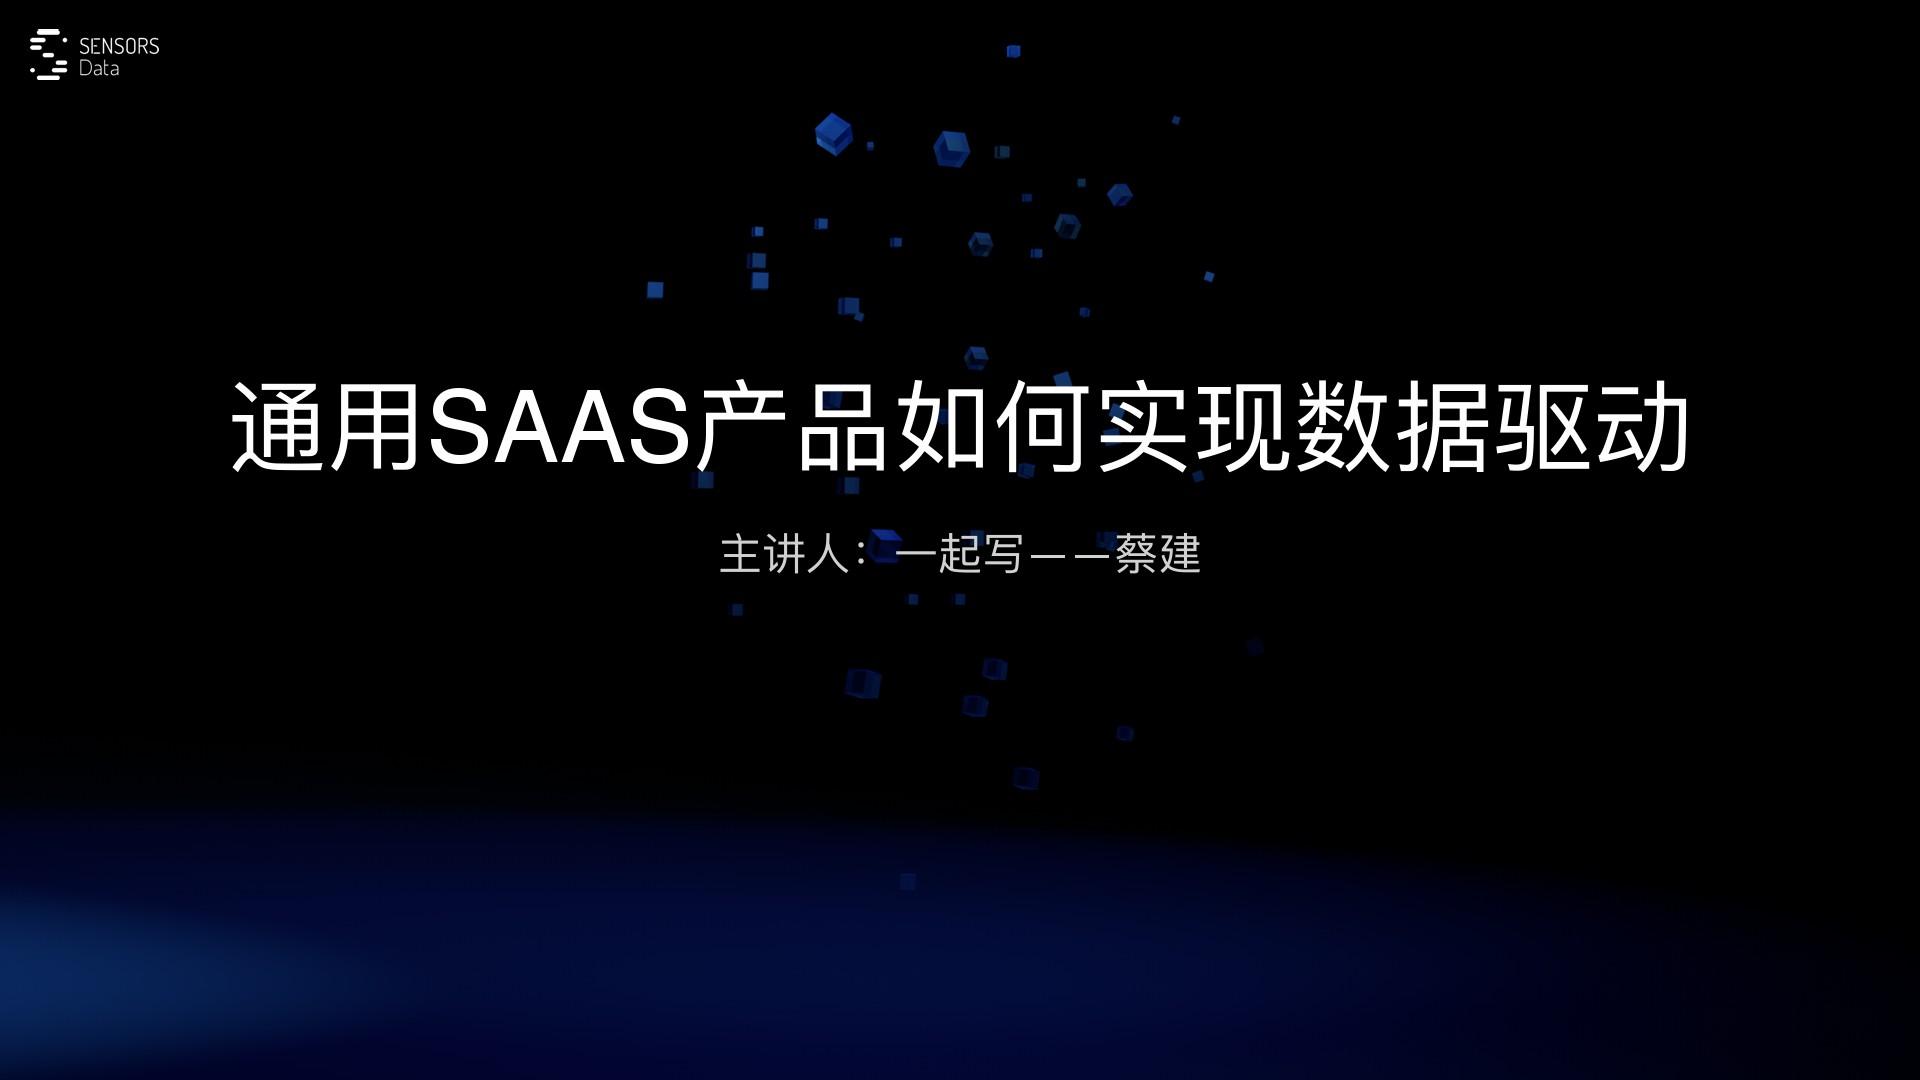 蔡建-一起写 通用SAAS产品如何实现数据驱动